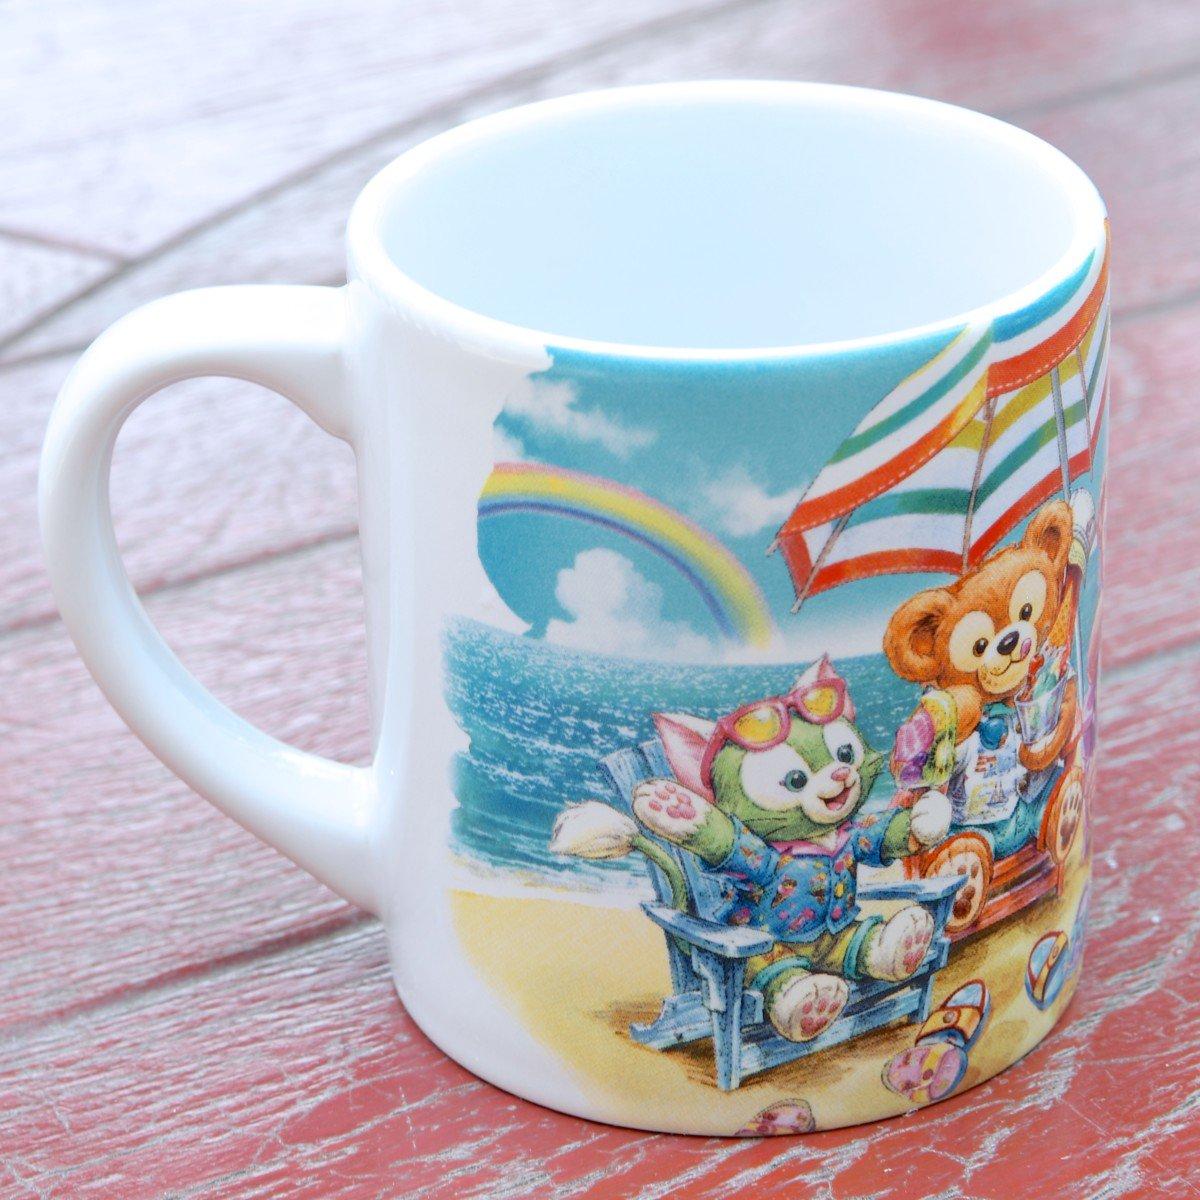 日本東京迪士尼代購- 夏季限定 達菲Duffy小餐杯,水杯 / 馬克杯 / 情侶對杯 / 湯杯 / 玻璃杯 / 不鏽鋼杯 / 漱口杯,X射線【C010005】 1